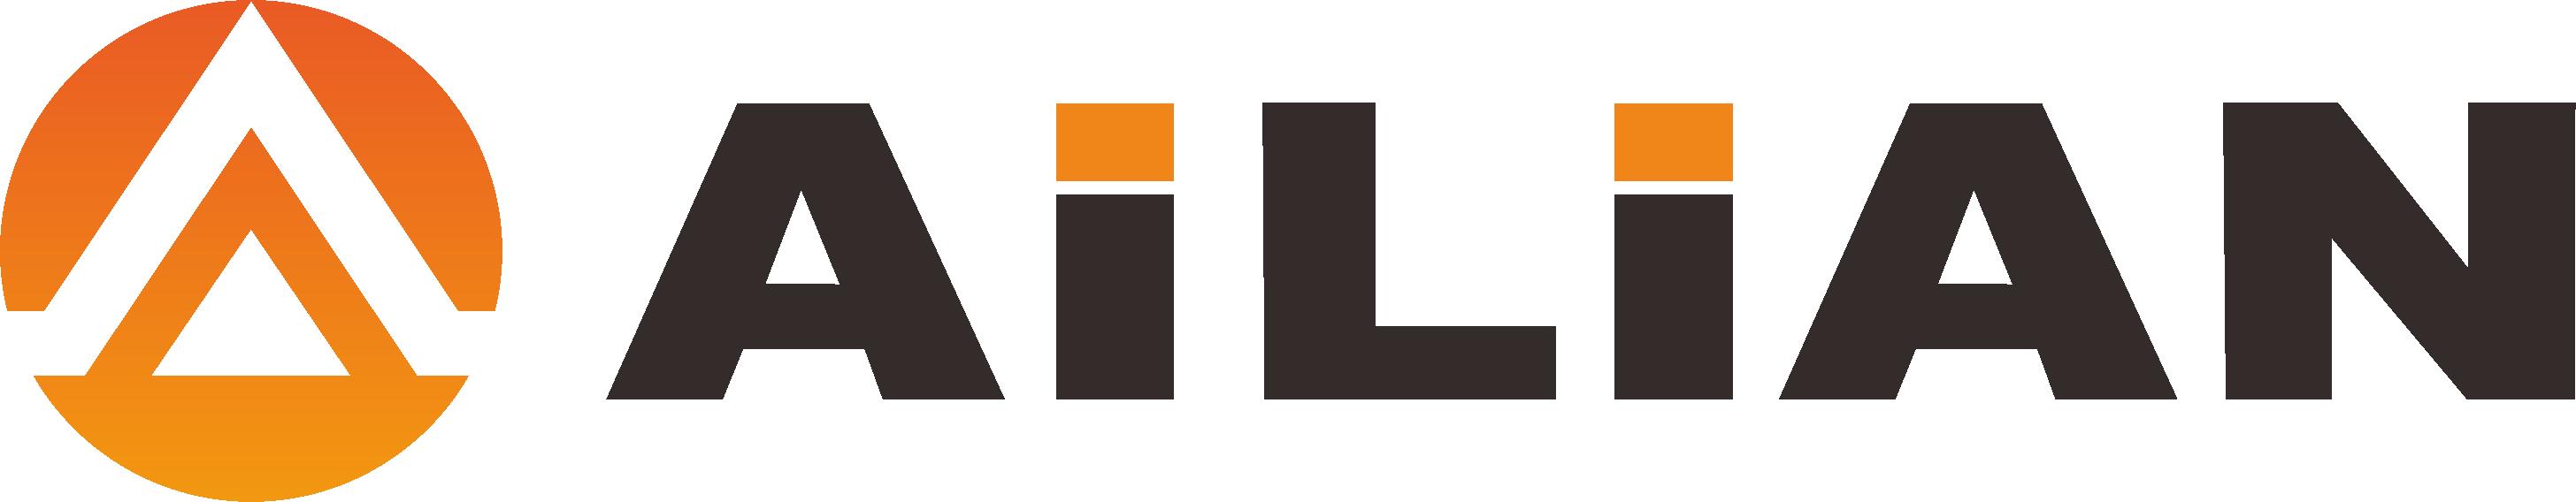 logo 标识 标志 设计 矢量 矢量图 素材 图标 2912_568